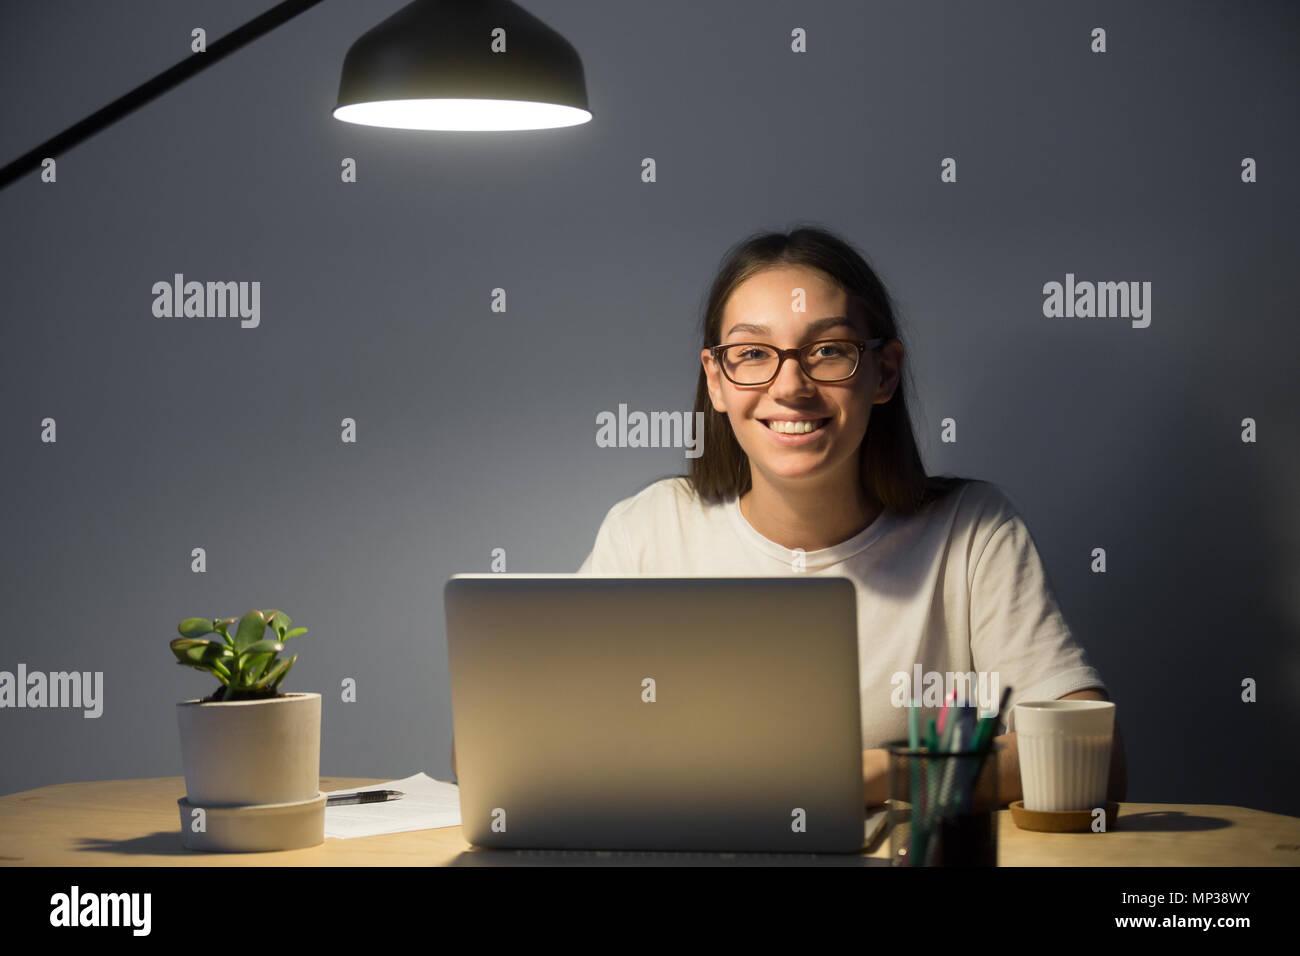 Freelancer glücklich lächelnd in die Kamera im Büro Schreibtisch posing Stockbild